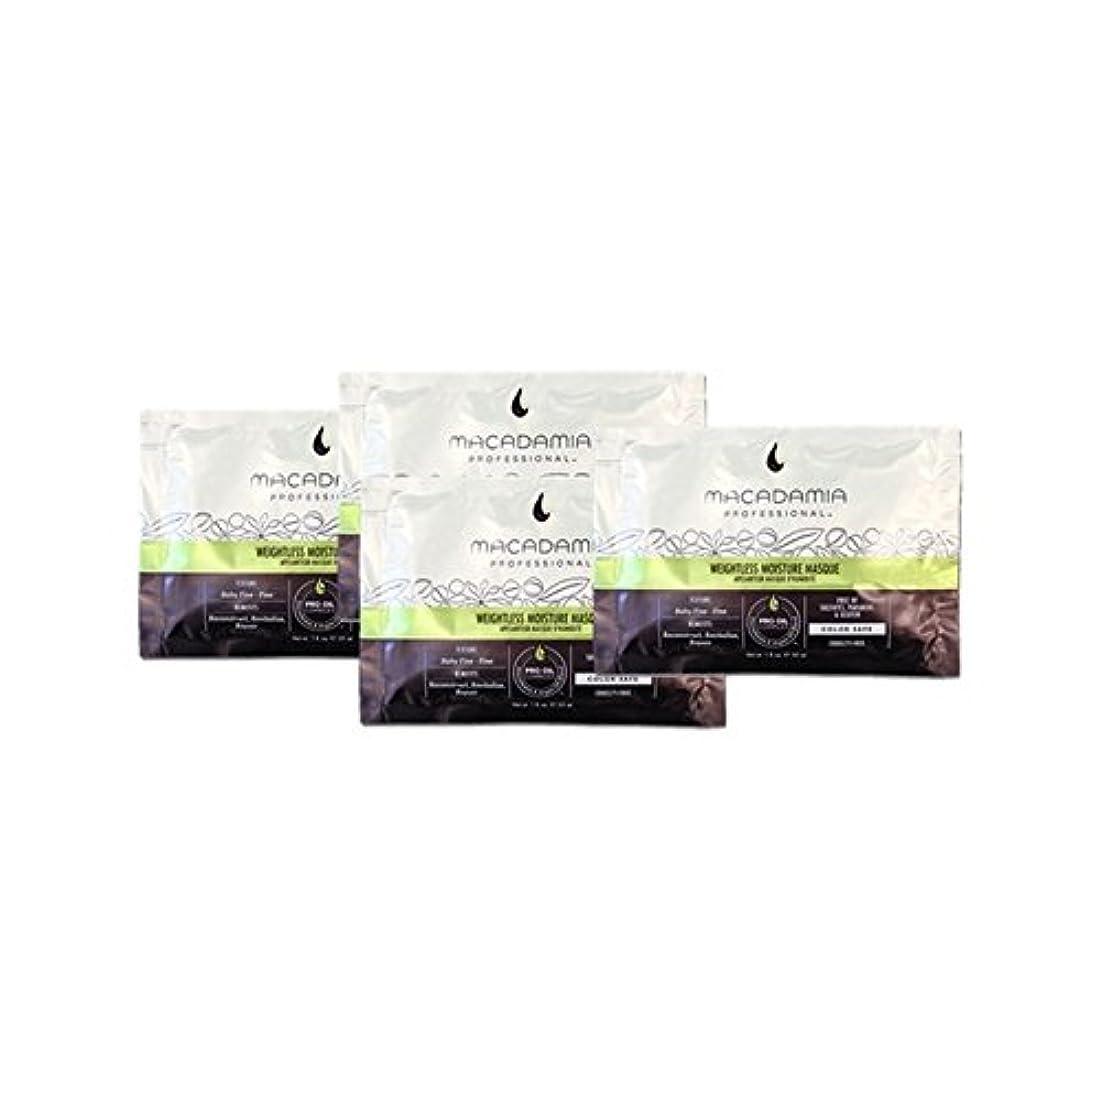 補償承認中性マカダミア無重力水分仮面の30ミリリットル x4 - Macadamia Weightless Moisture Masque 30ml (Pack of 4) [並行輸入品]